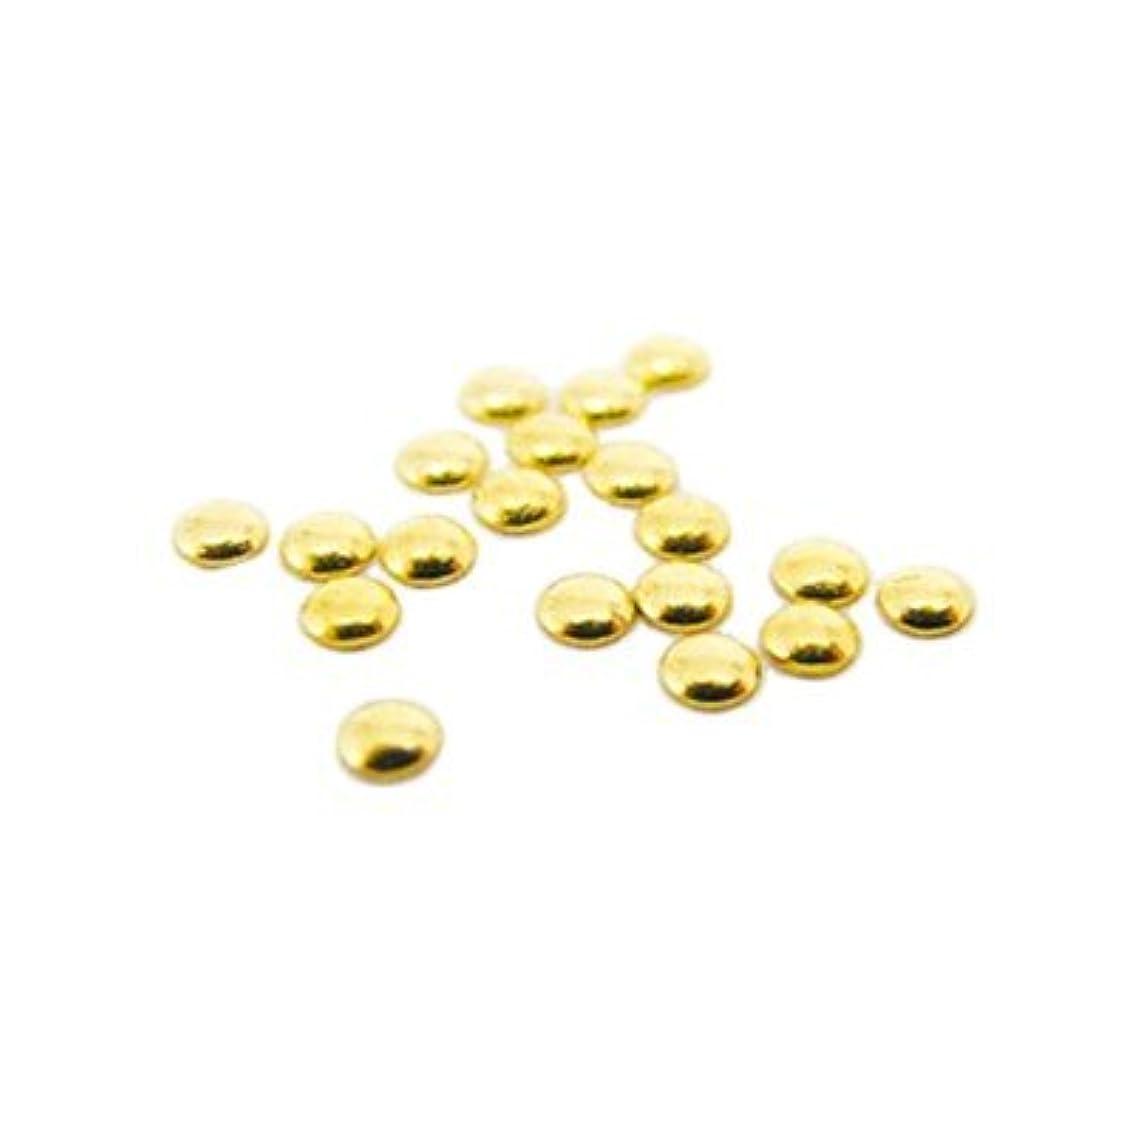 特別にエクステント放牧するピアドラ スタッズ 0.8mm 100P ゴールド